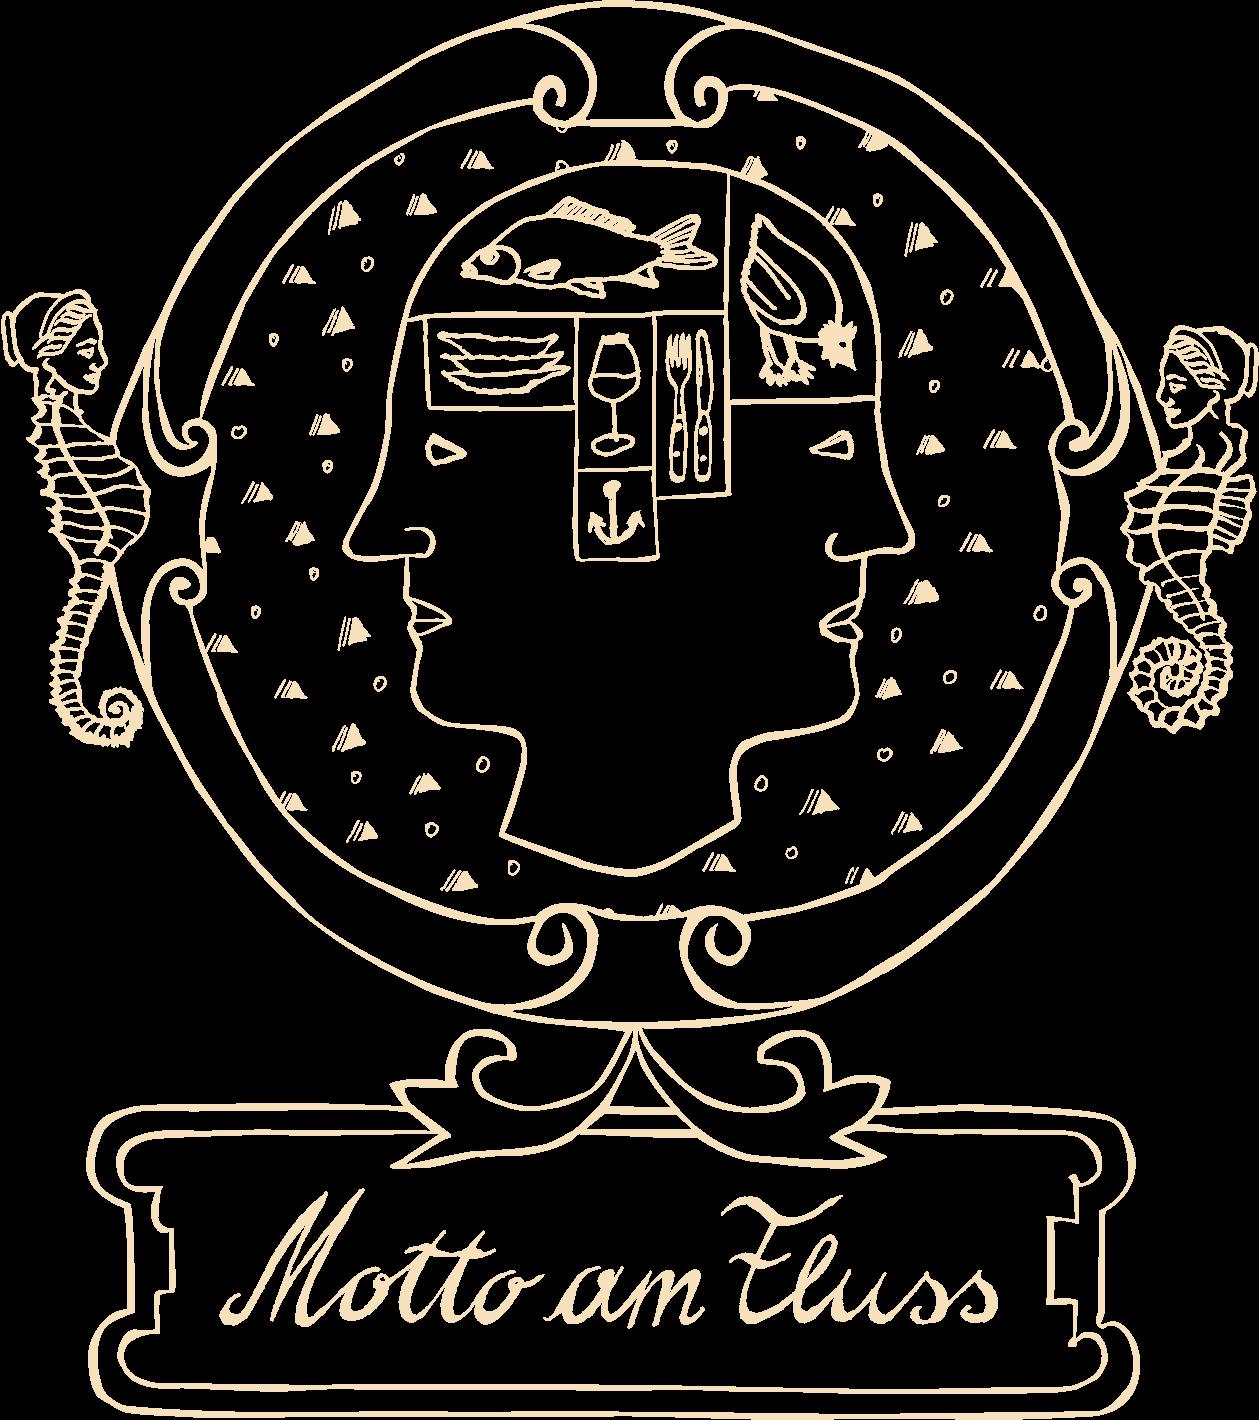 motto am fluss logo